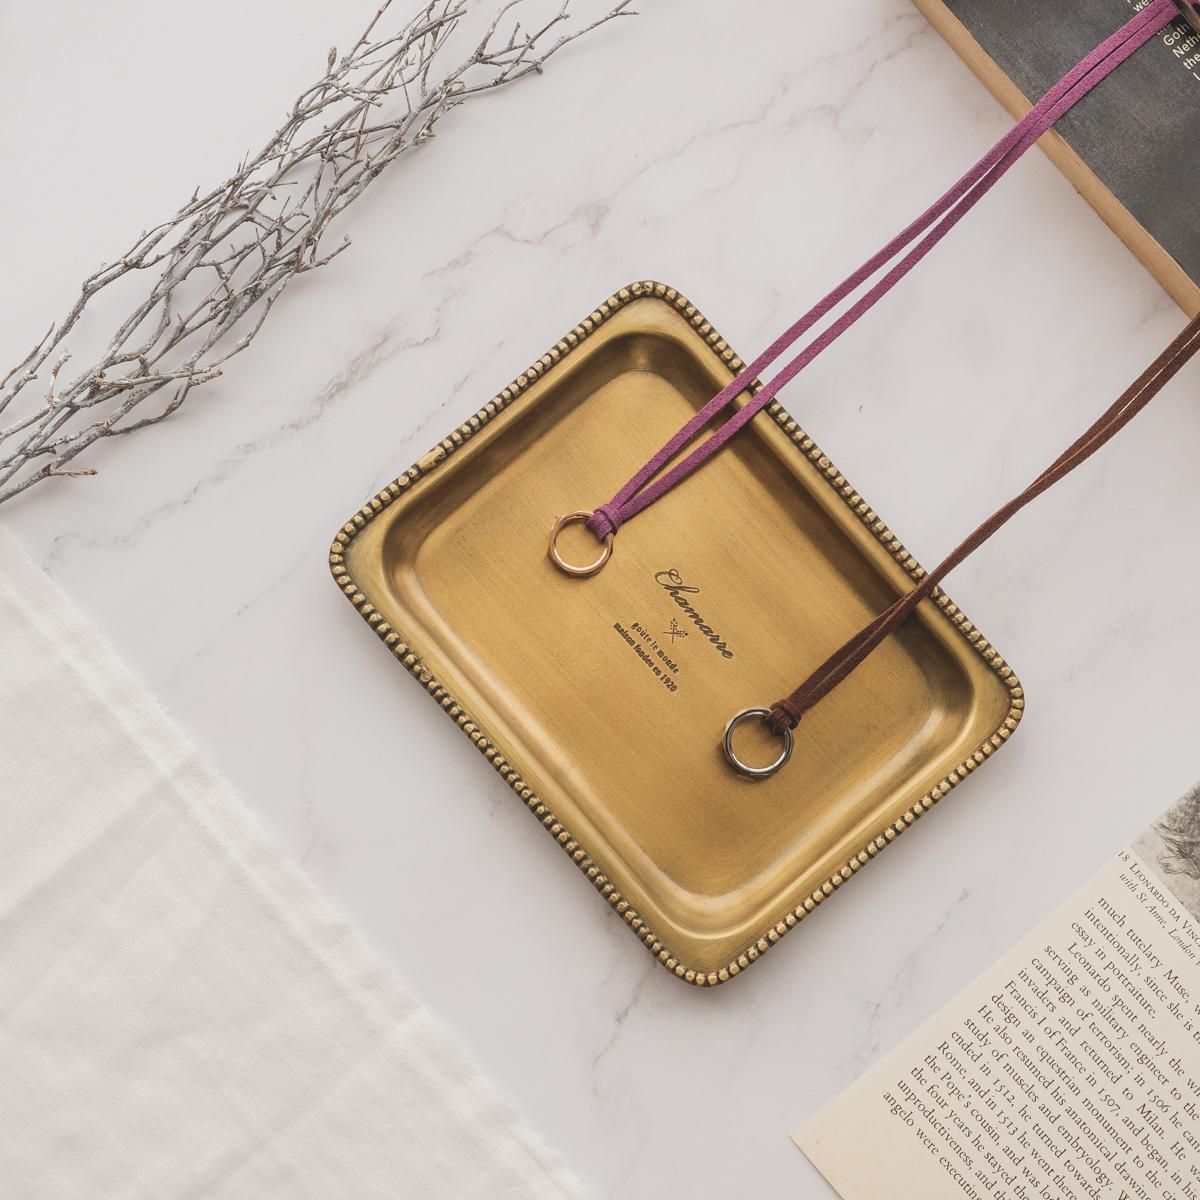 Lauss ペア ネックレス タングステン・リングとフェイクレザーのペアネックレス アレルギーフリー  ペアジュエリー opp00046 (長方形パッケージ)conpact